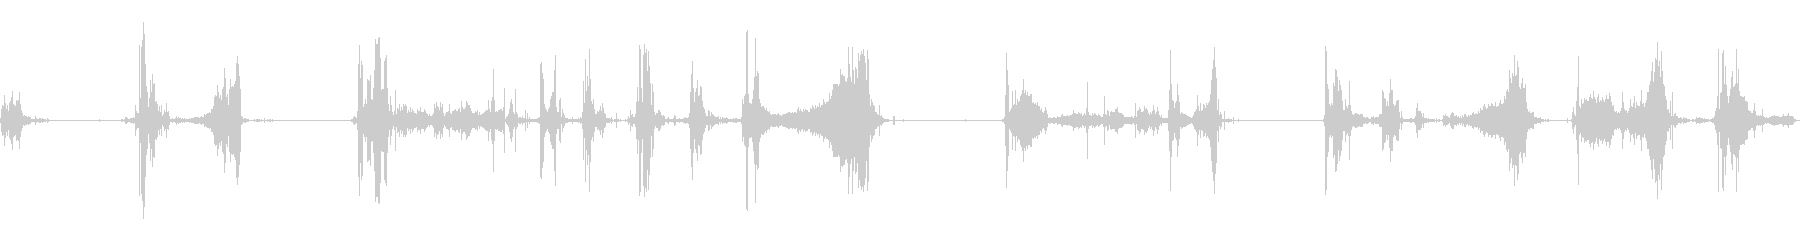 フリースタイルスキーヤー:スキーダ...の未再生の波形